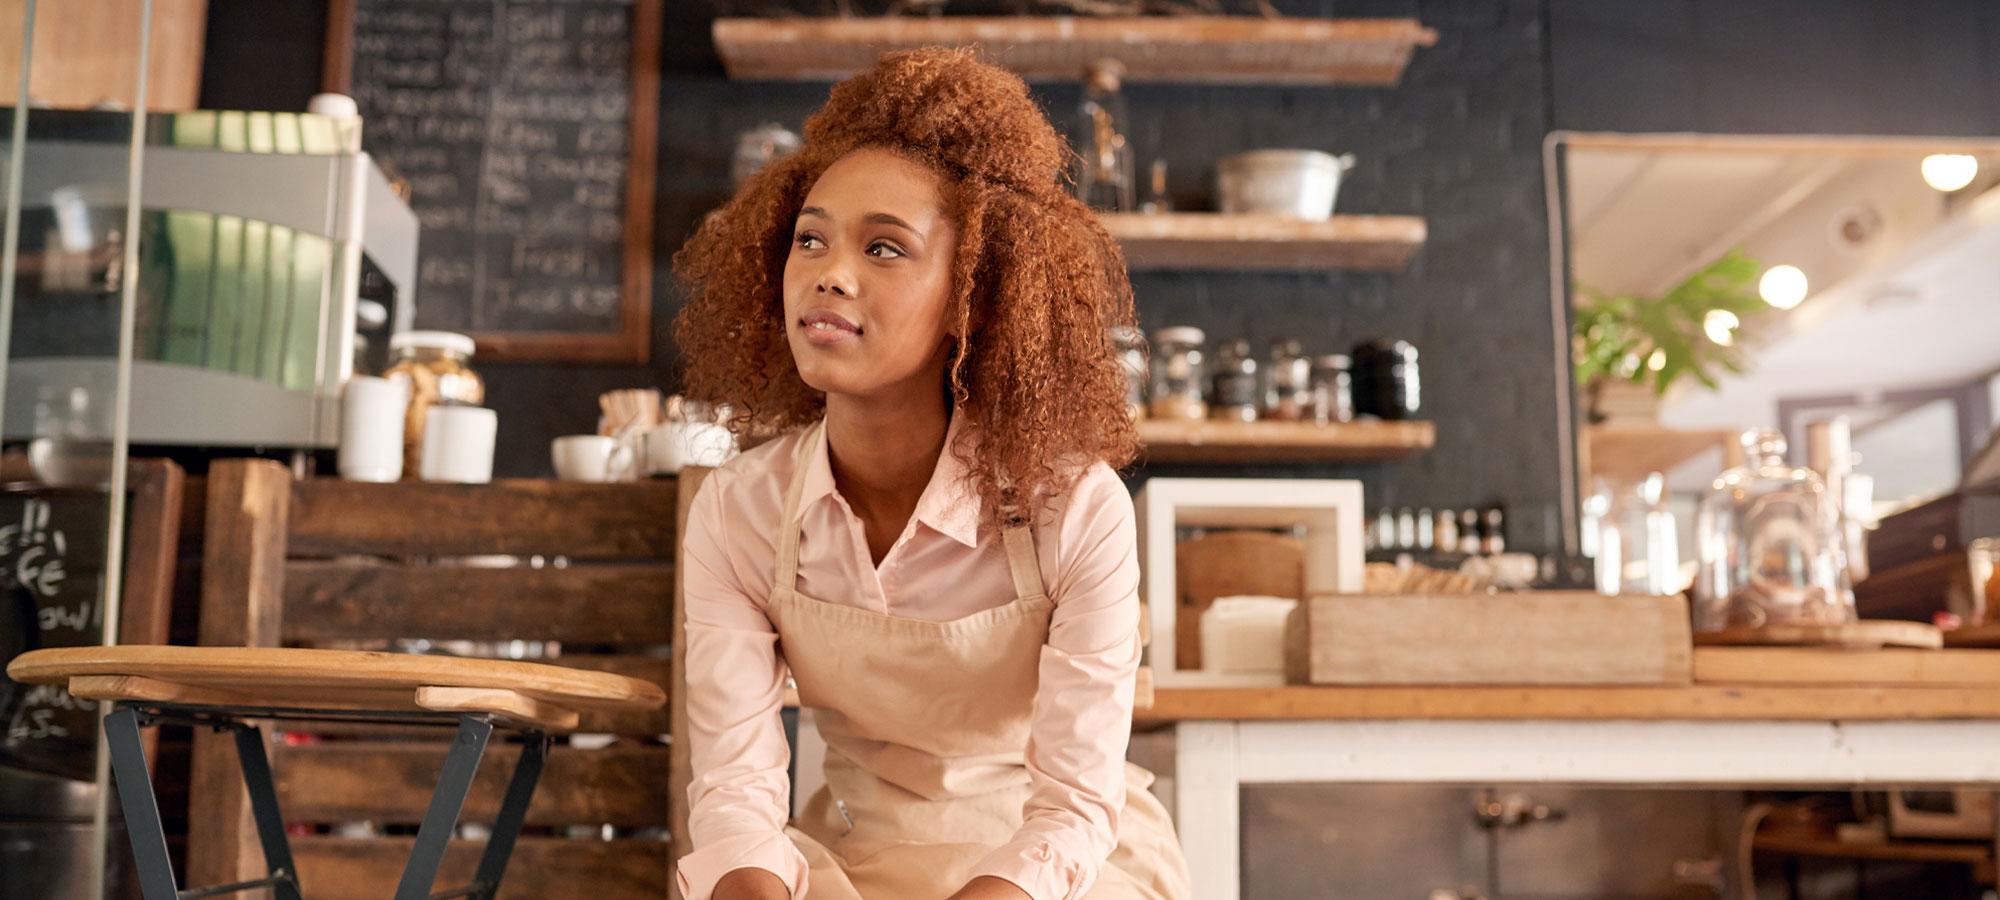 Kvinne som arbeider på kafé